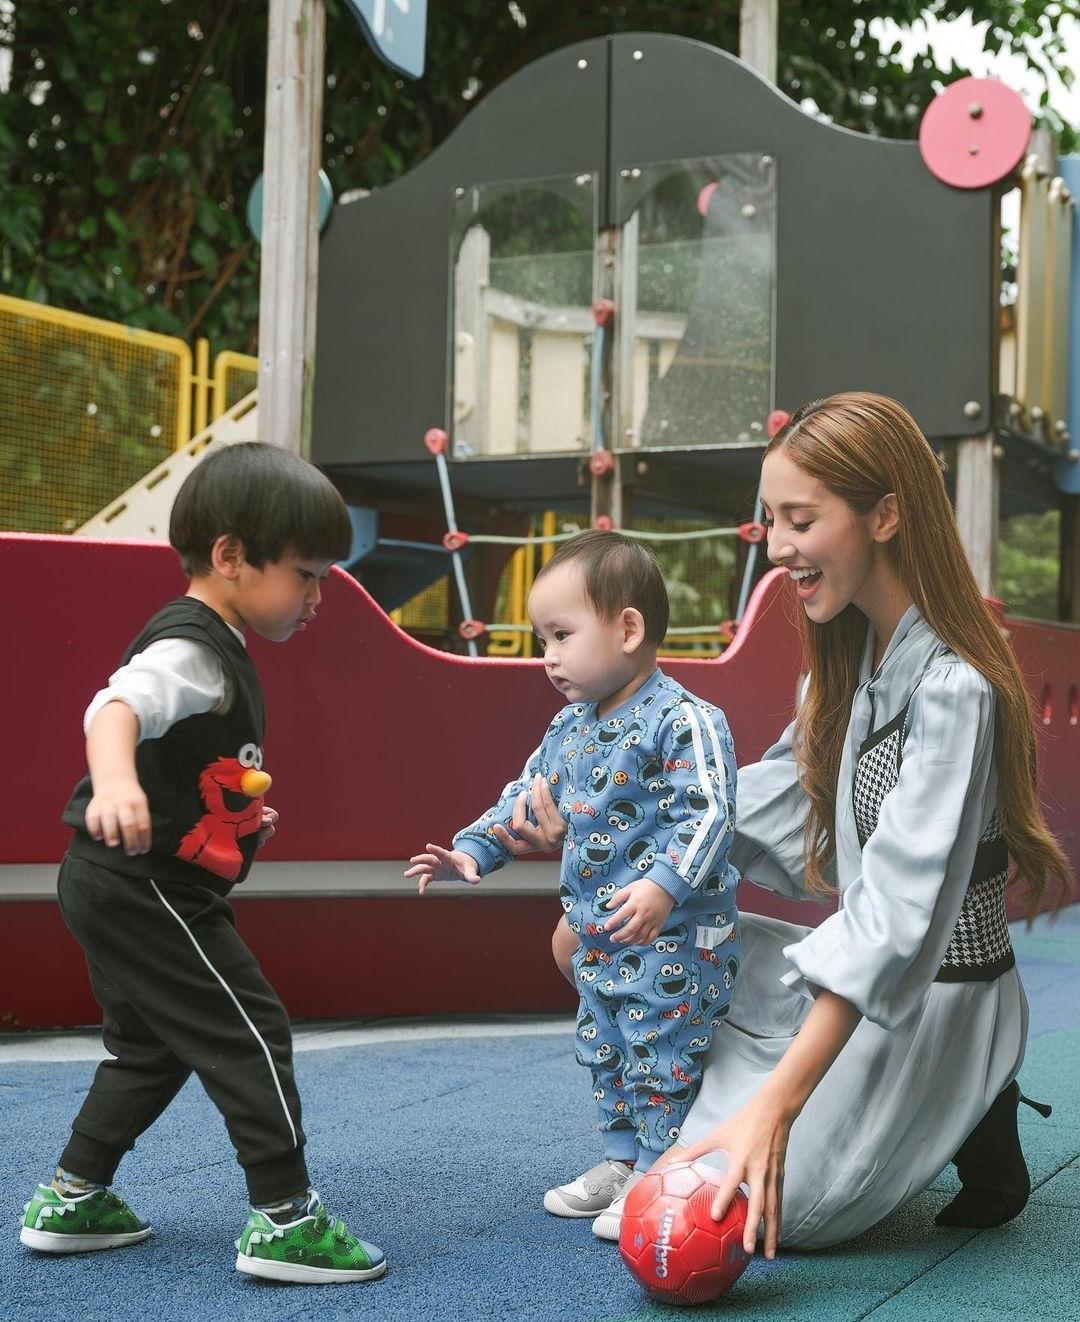 郑嘉颖港姐老婆携子拍广告,兄弟俩肤色差明显,一个活泼一个呆萌